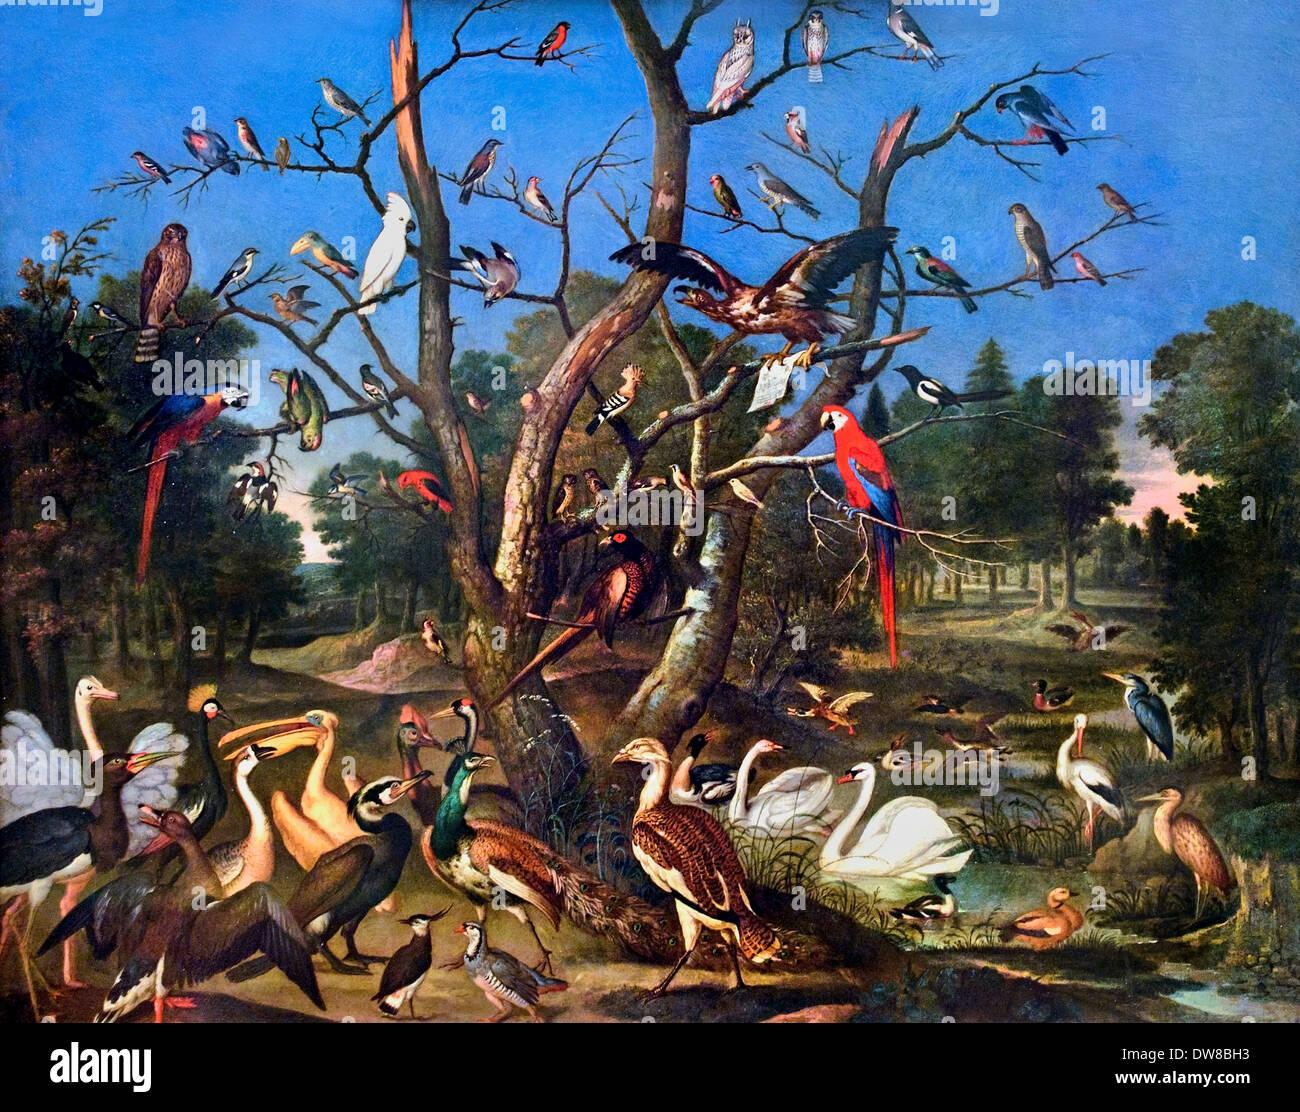 Konzert der Vogel - CONCERTO DI UCCELLI 1670 Franz de Hamilton il tedesco in Germania Immagini Stock